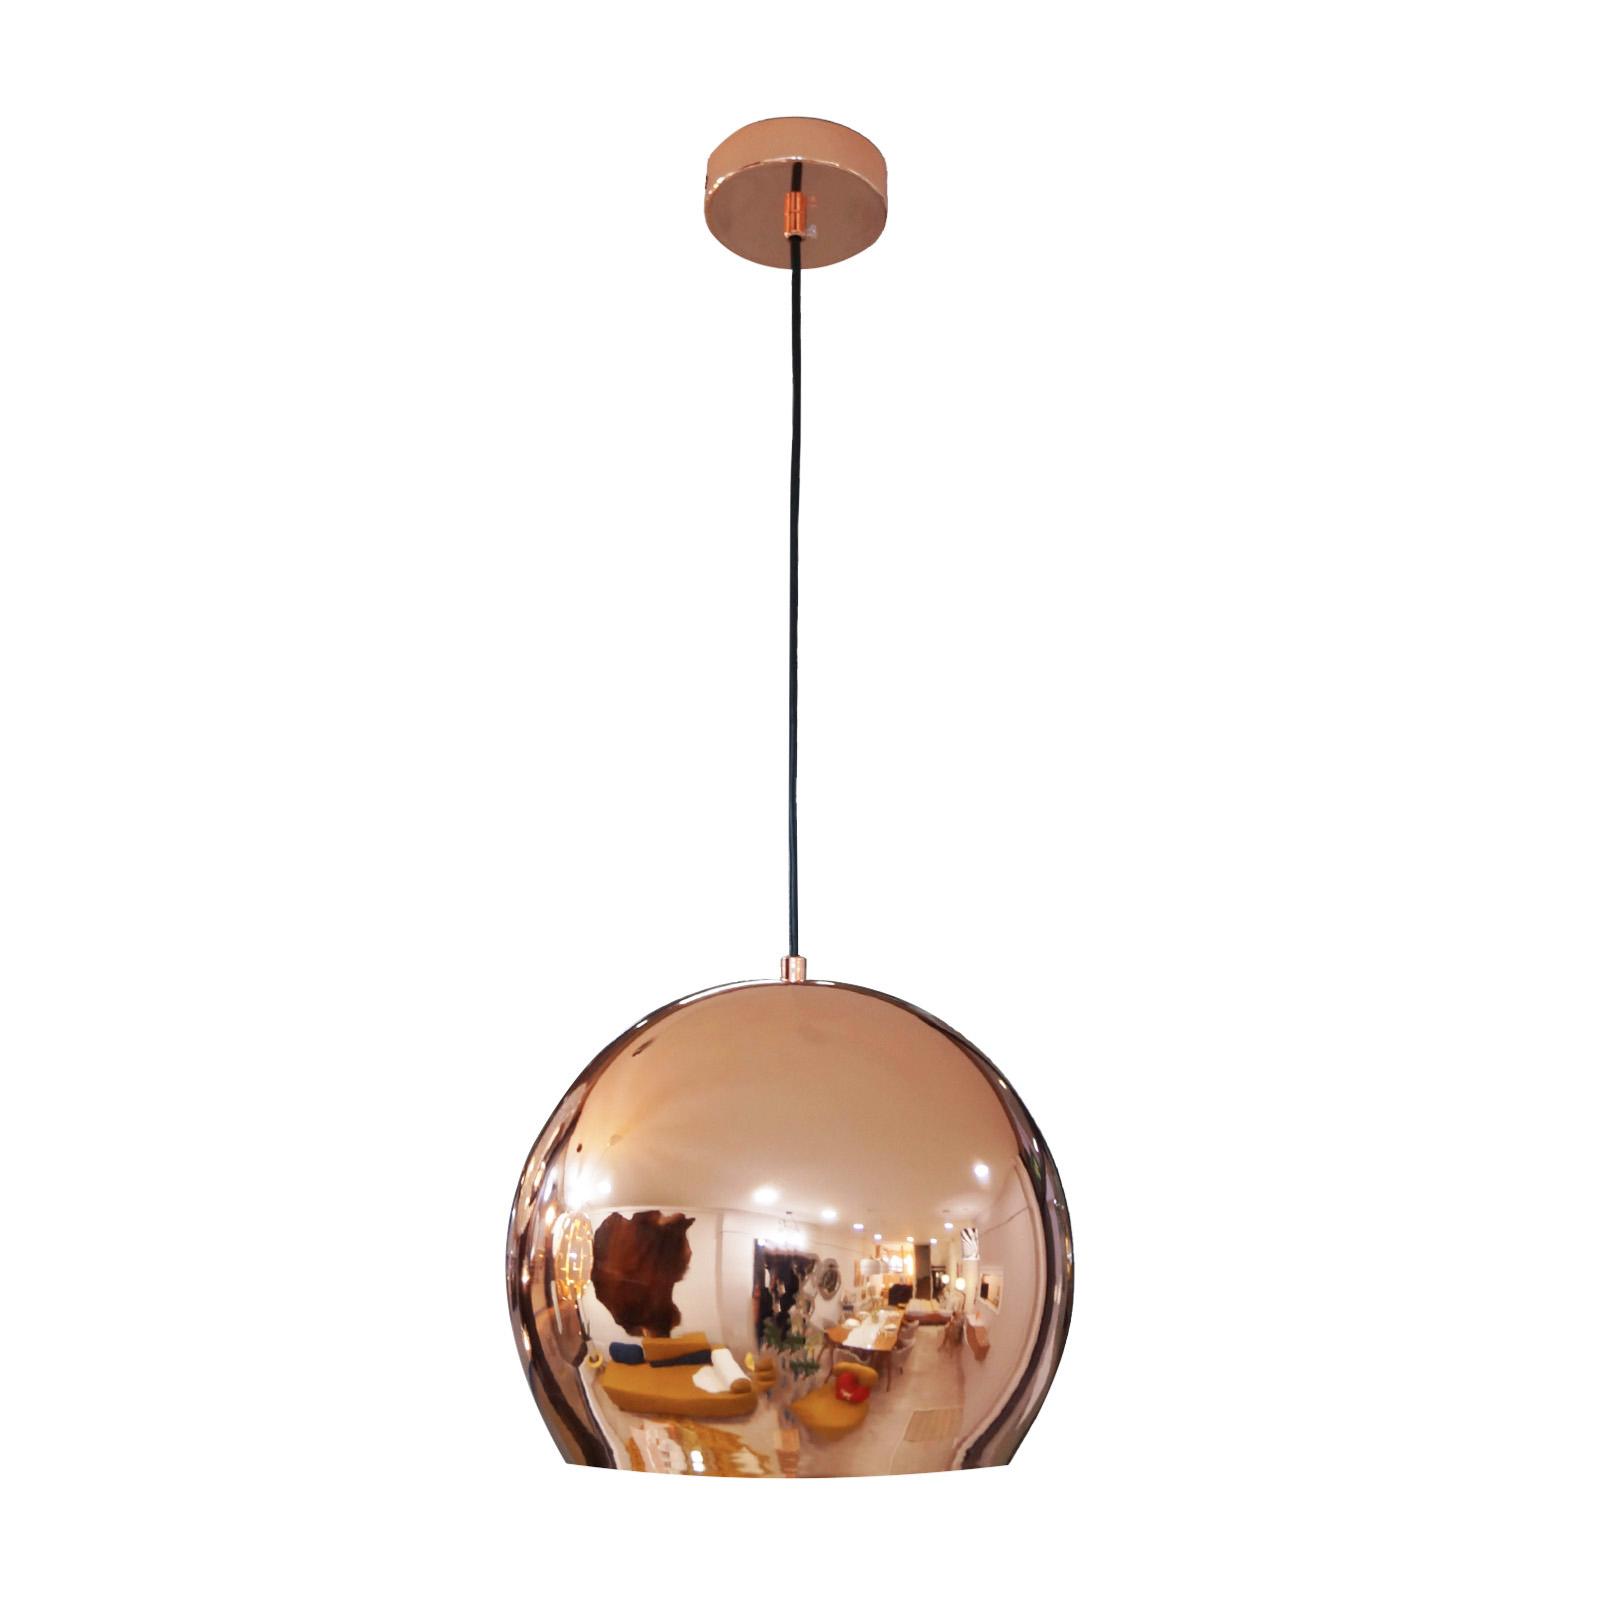 Copa invertida - Lámpara de metal cromado